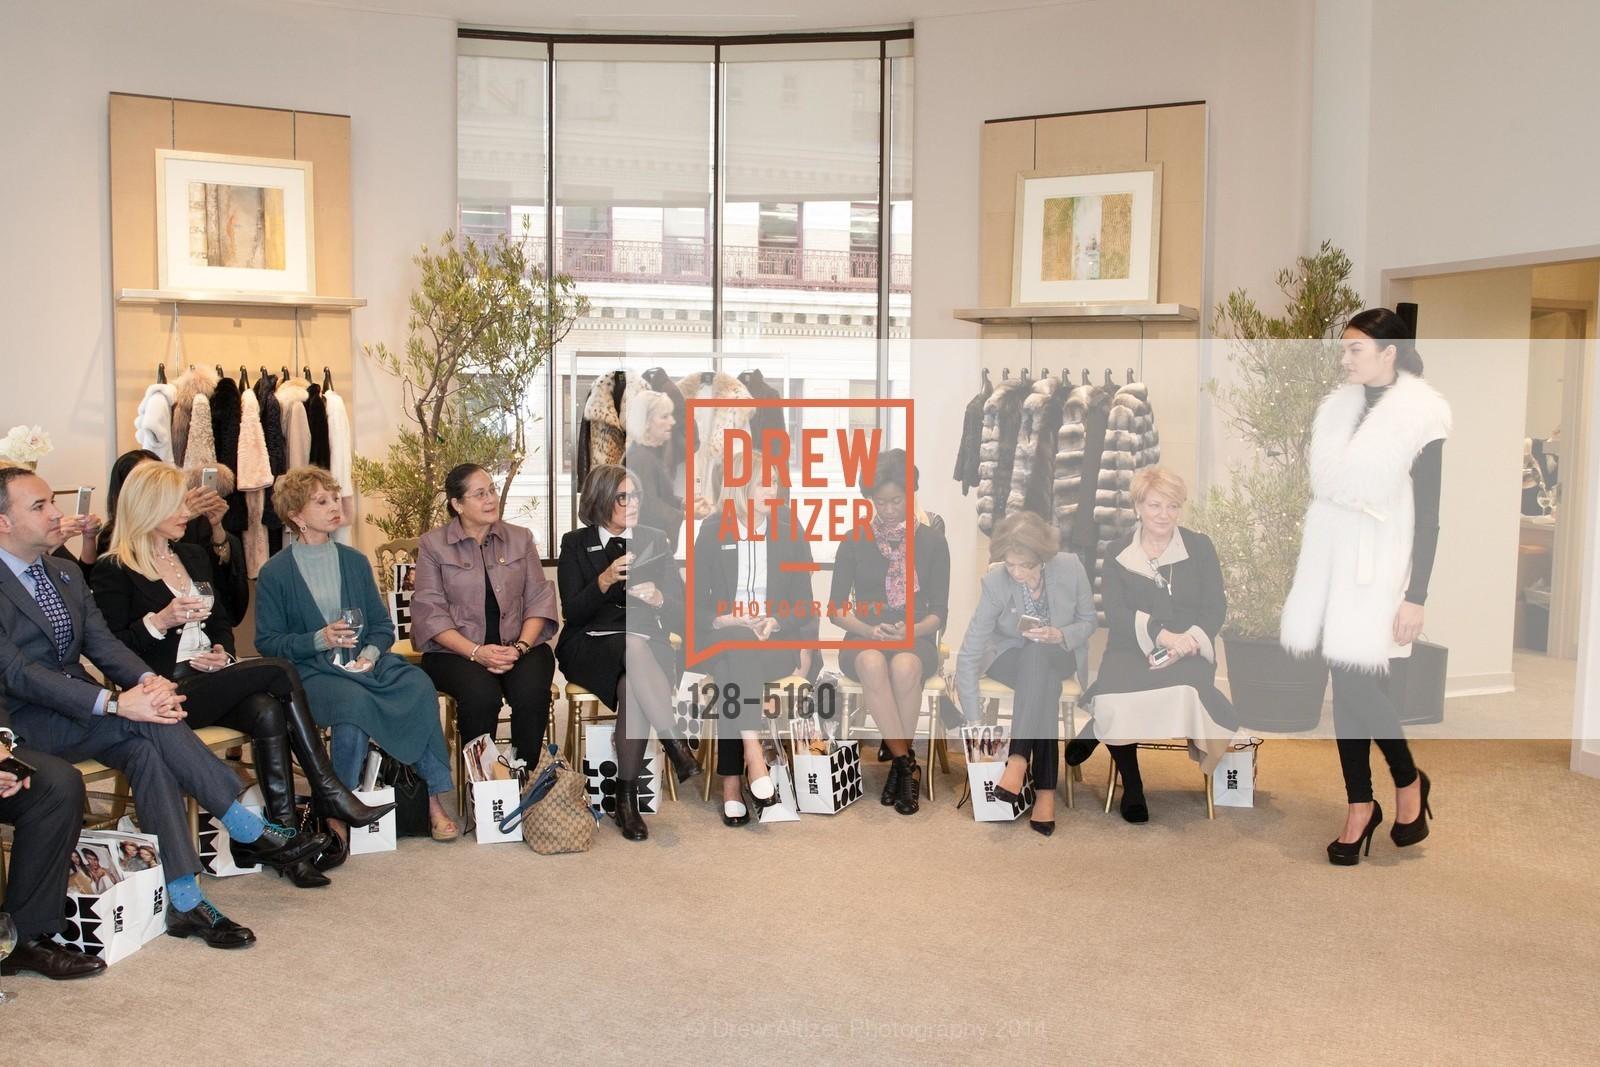 Fashion Show, Photo #128-5160